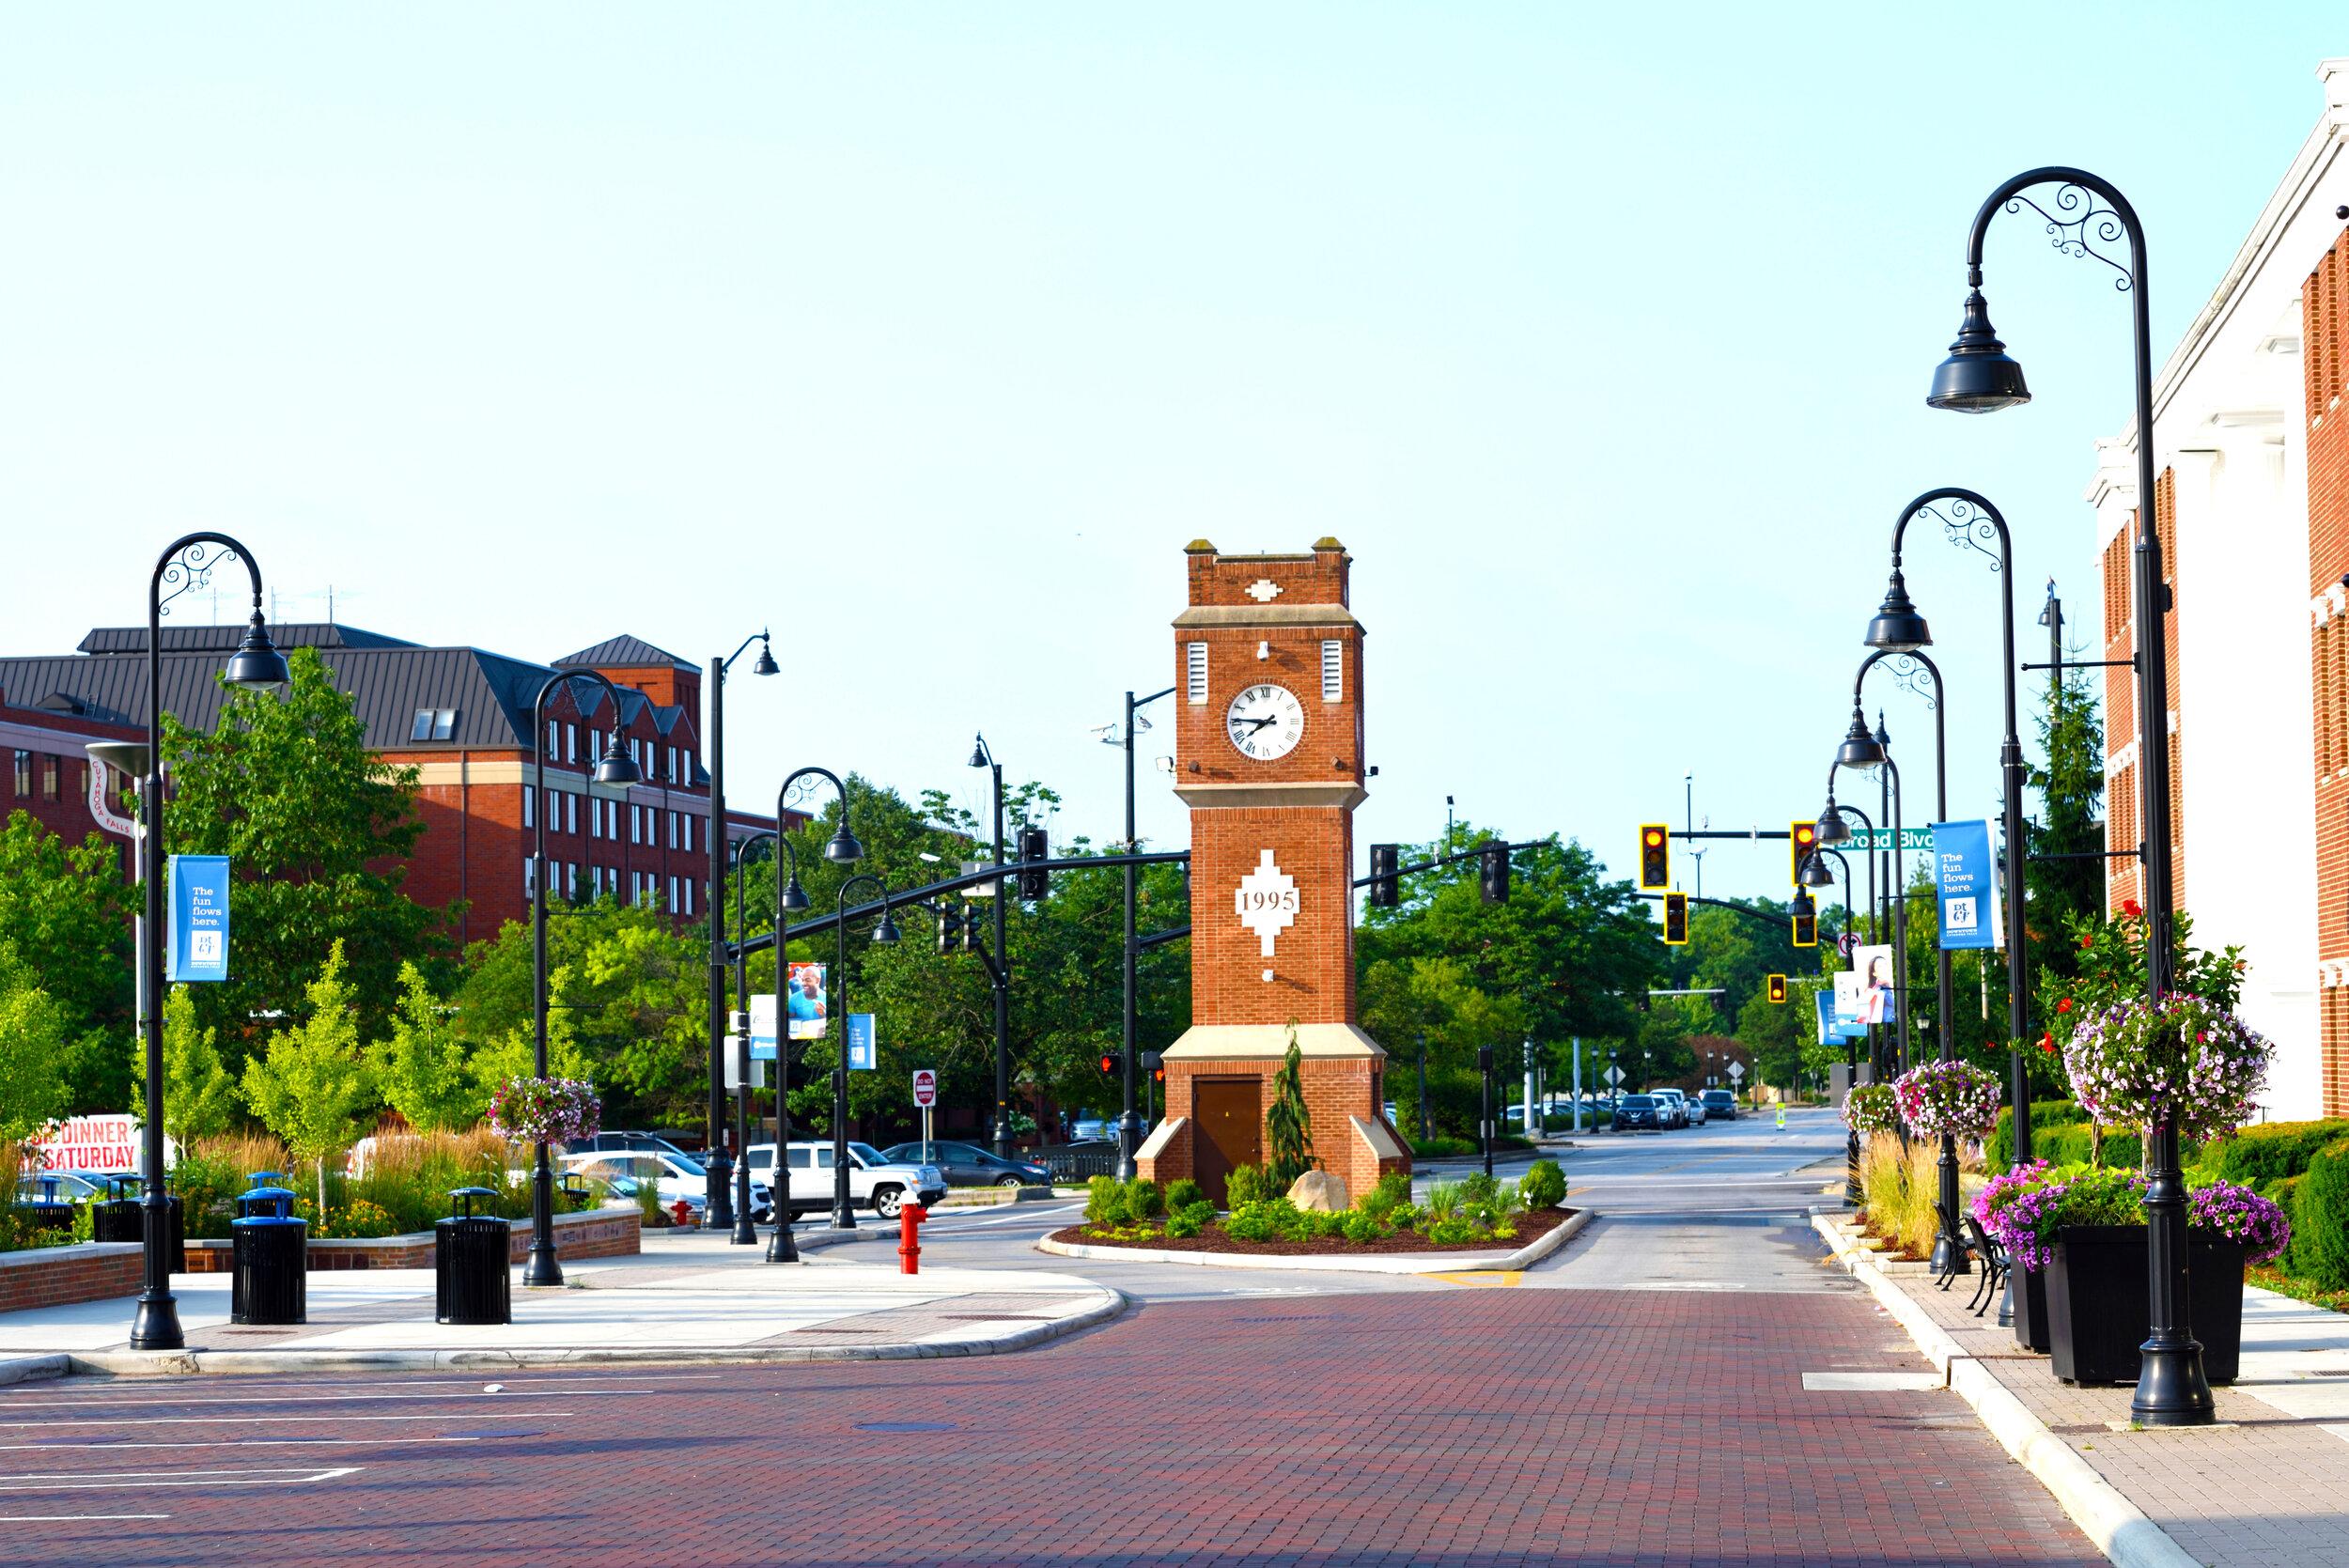 Downtown Cuyahoga Falls